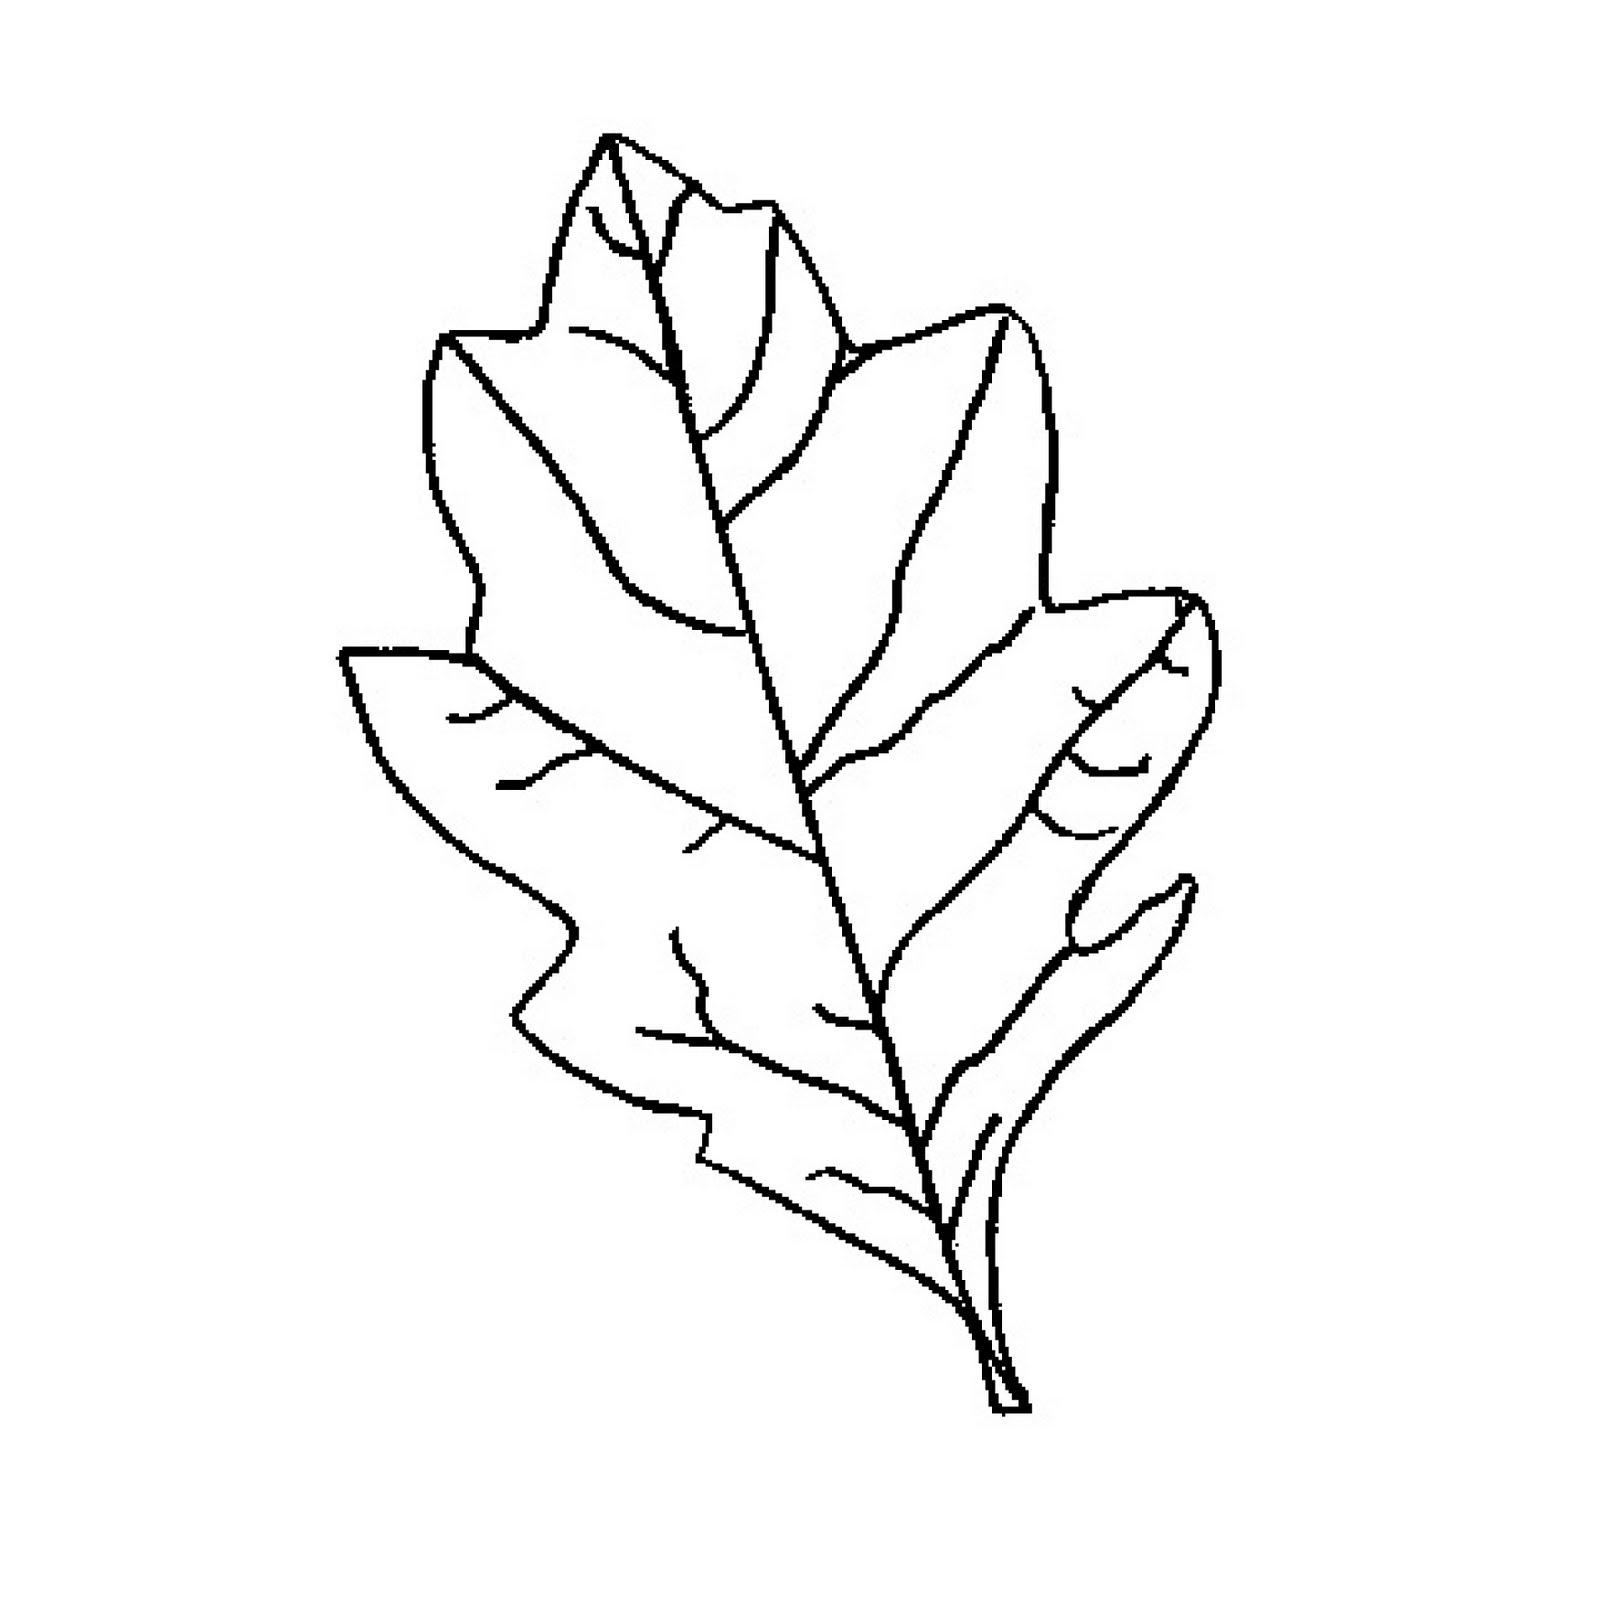 Free Oak Leaf Outline, Download Free Clip Art, Free Clip Art On - Free Printable Oak Leaf Patterns